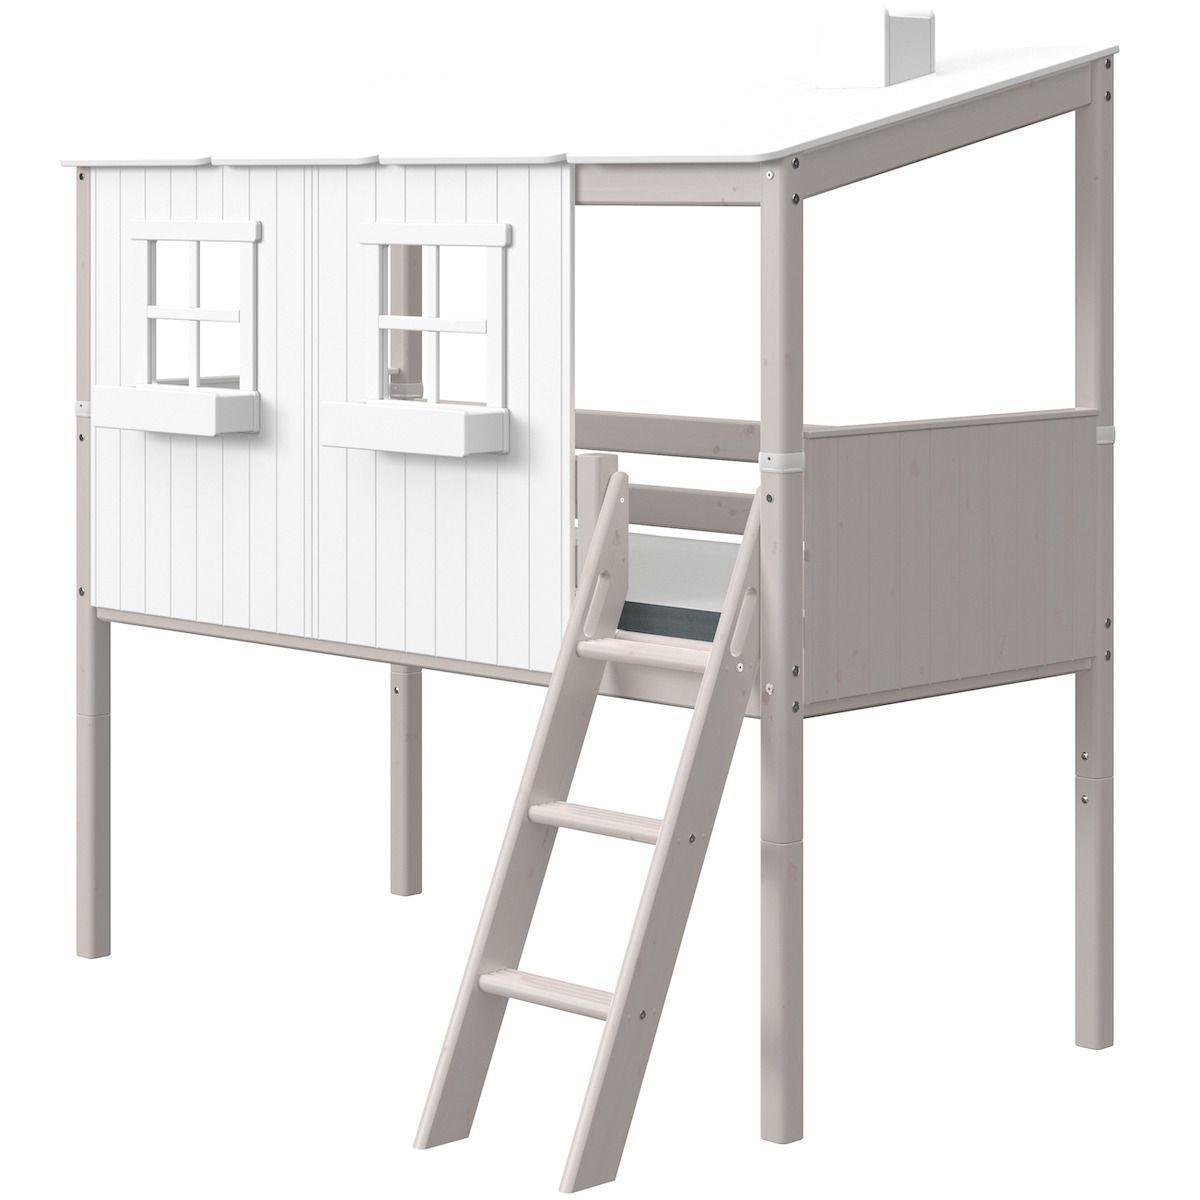 Halbhochbett mitwachsend 90x200cm PLAY HOUSE CLASSIC Flexa weiß-grey washed